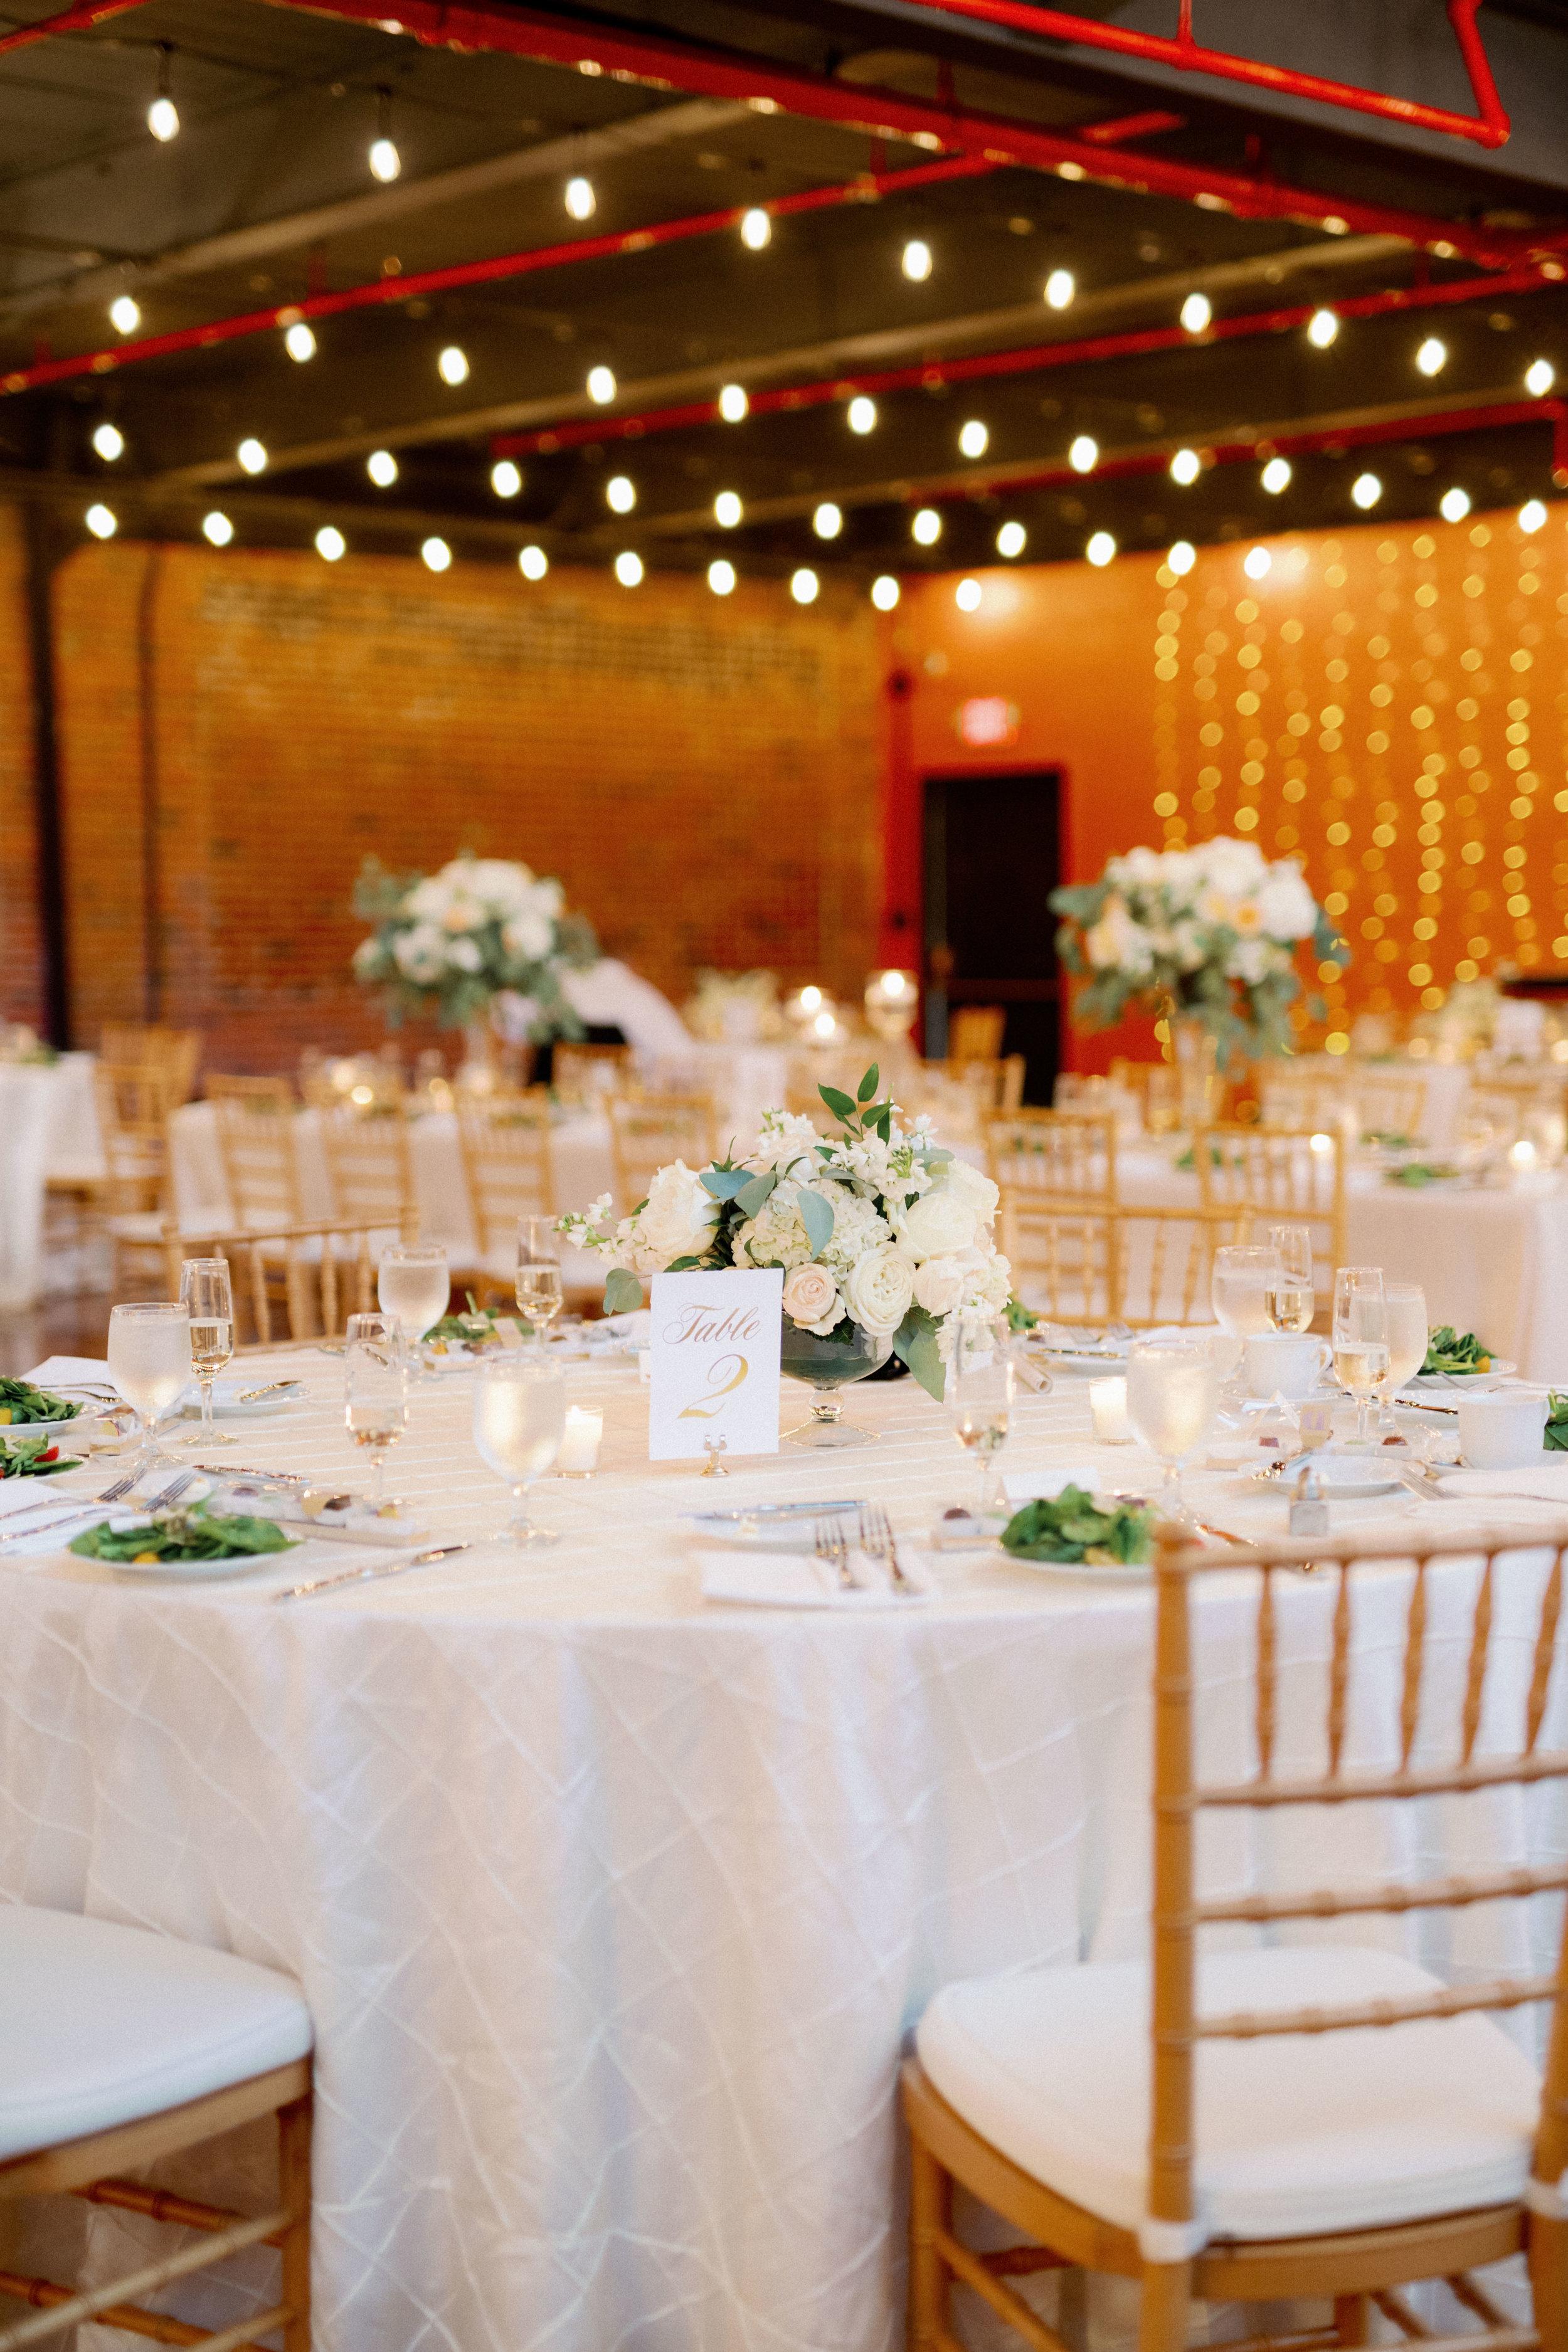 ourwedding104297.jpg